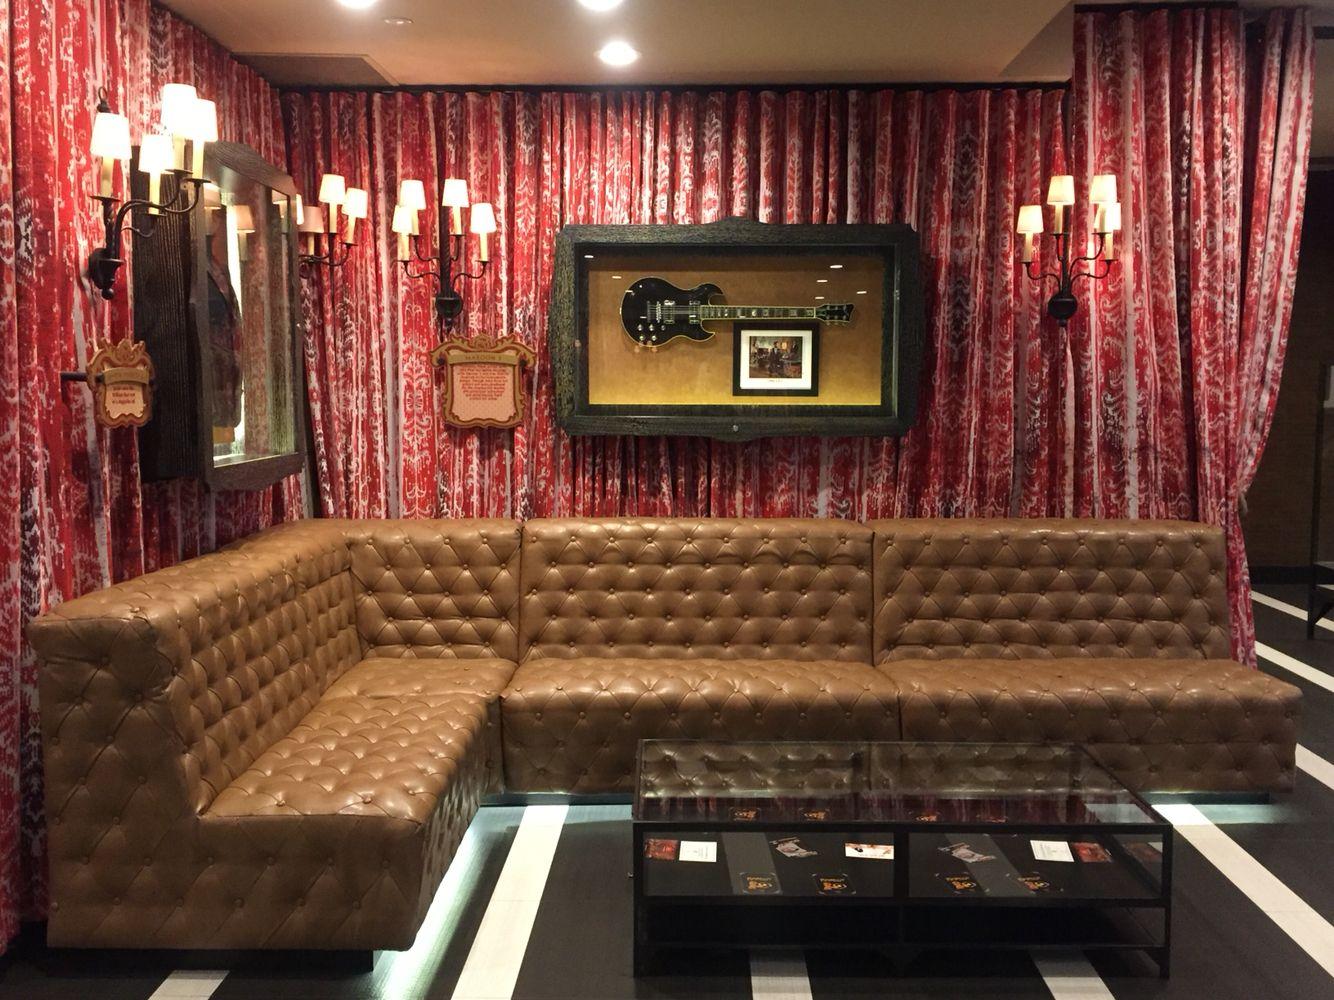 #ハードロックホテル #カリフォルニア州パームスプリングス #palmsprings #CA #the real midcentury land  #midcentury #hardrockhotel